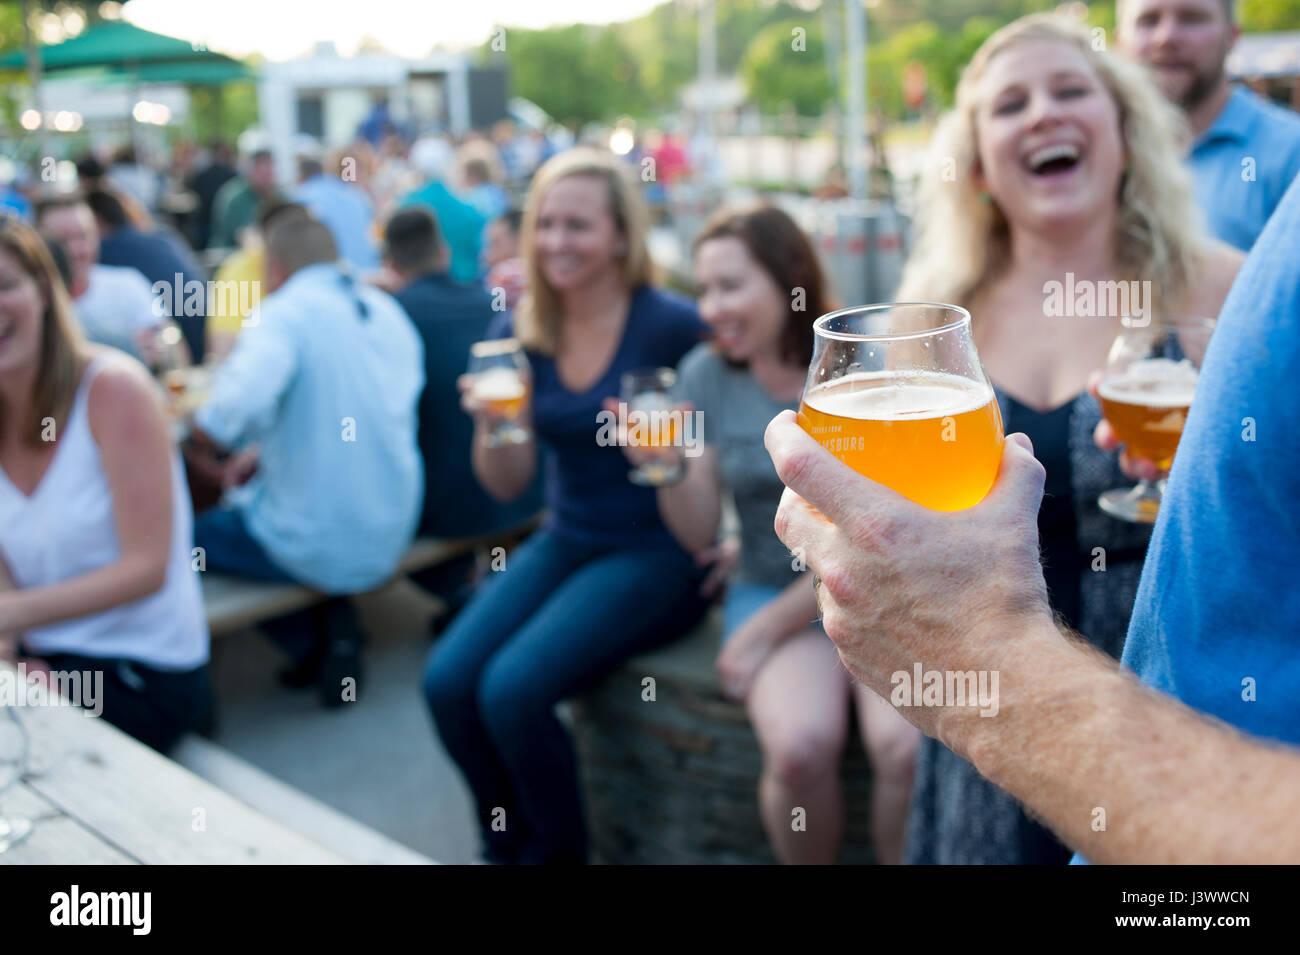 США-вирджиния-ва-молодые люди-пьющая-крафт-пиво-в-Уильямсбурге-на-J3WWCN.jpg